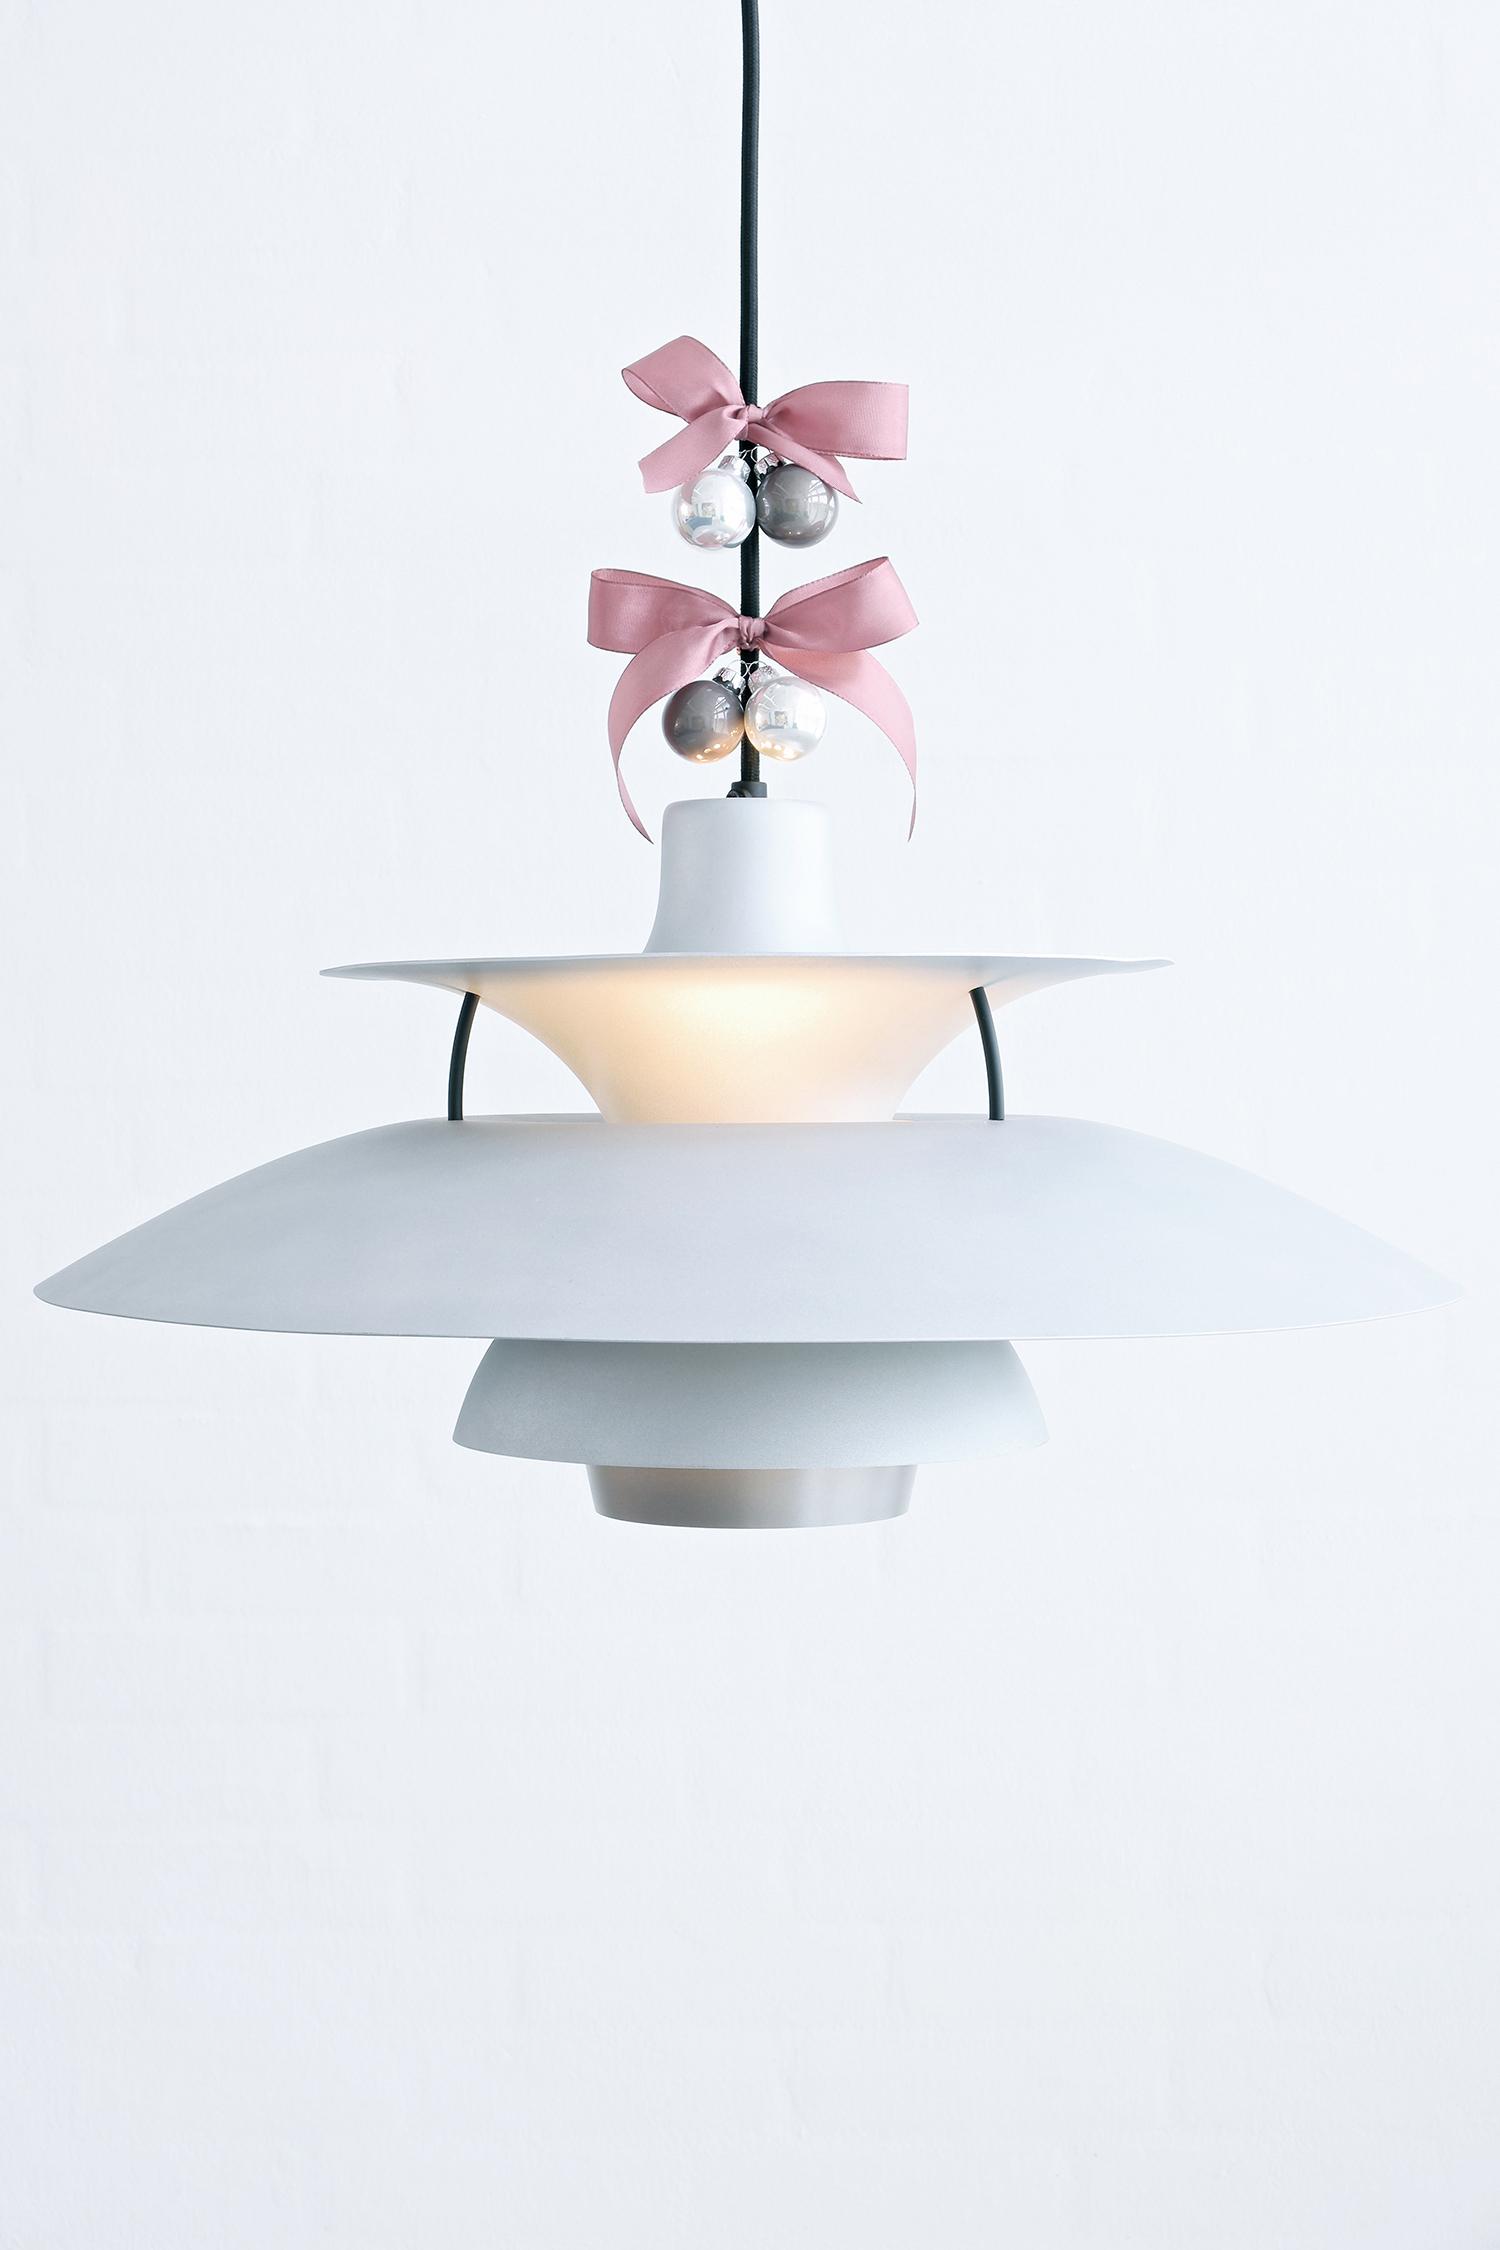 sidste chance vind ph5 lampe julie monberg. Black Bedroom Furniture Sets. Home Design Ideas